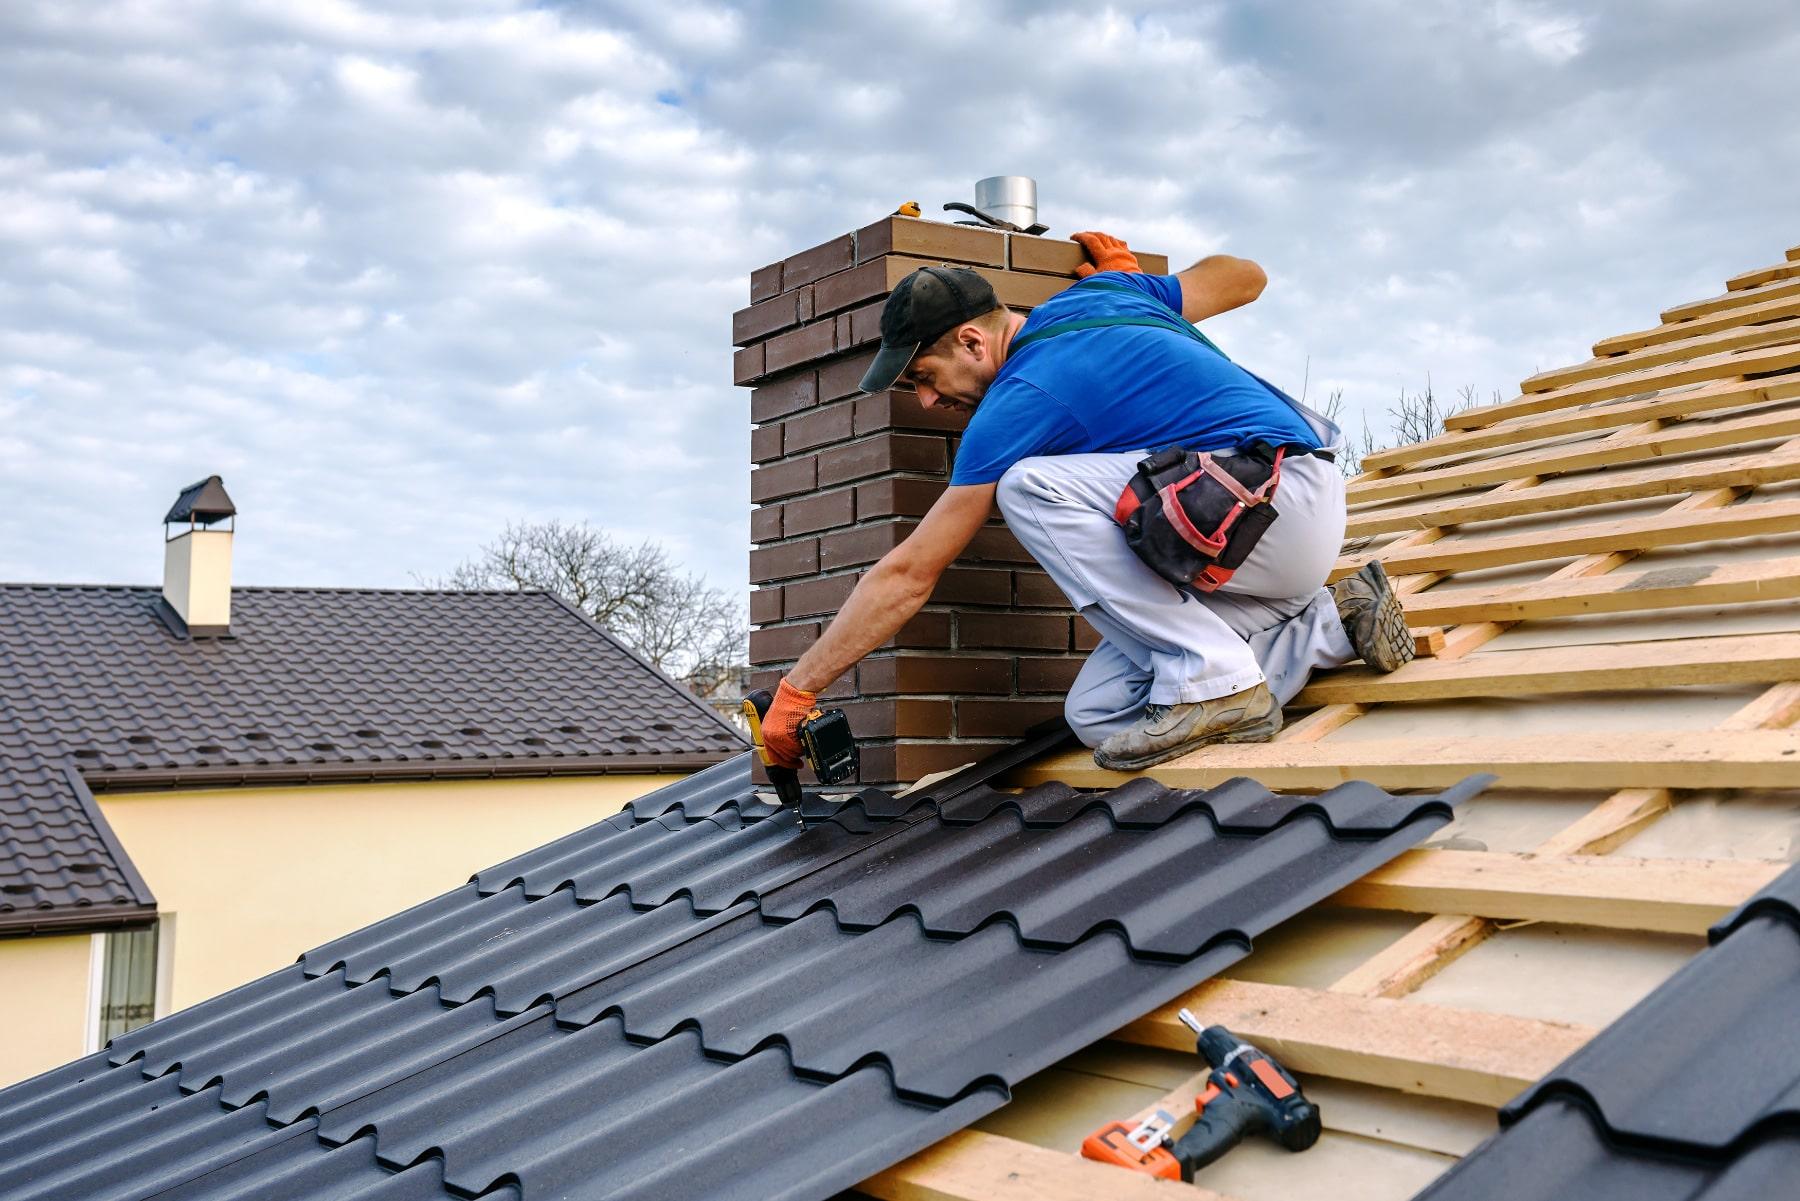 rénovation d'une toiture métallique